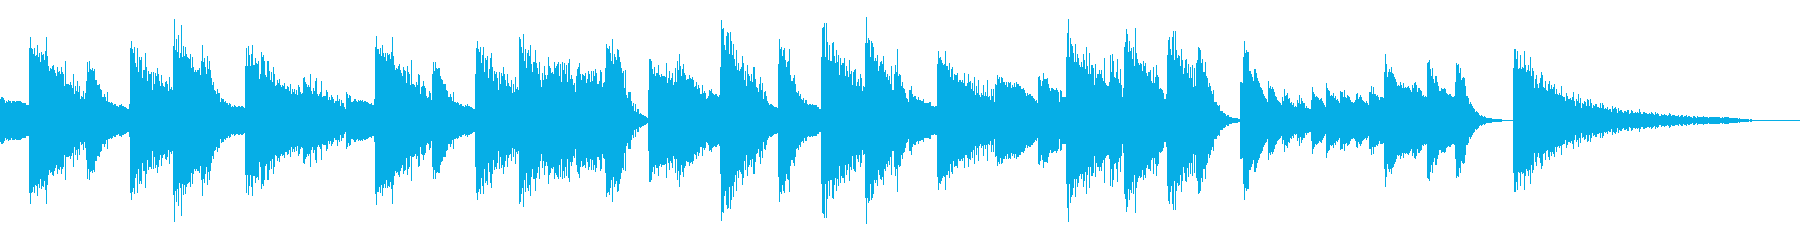 けだるく甘美なジャズピアノジングルの再生済みの波形